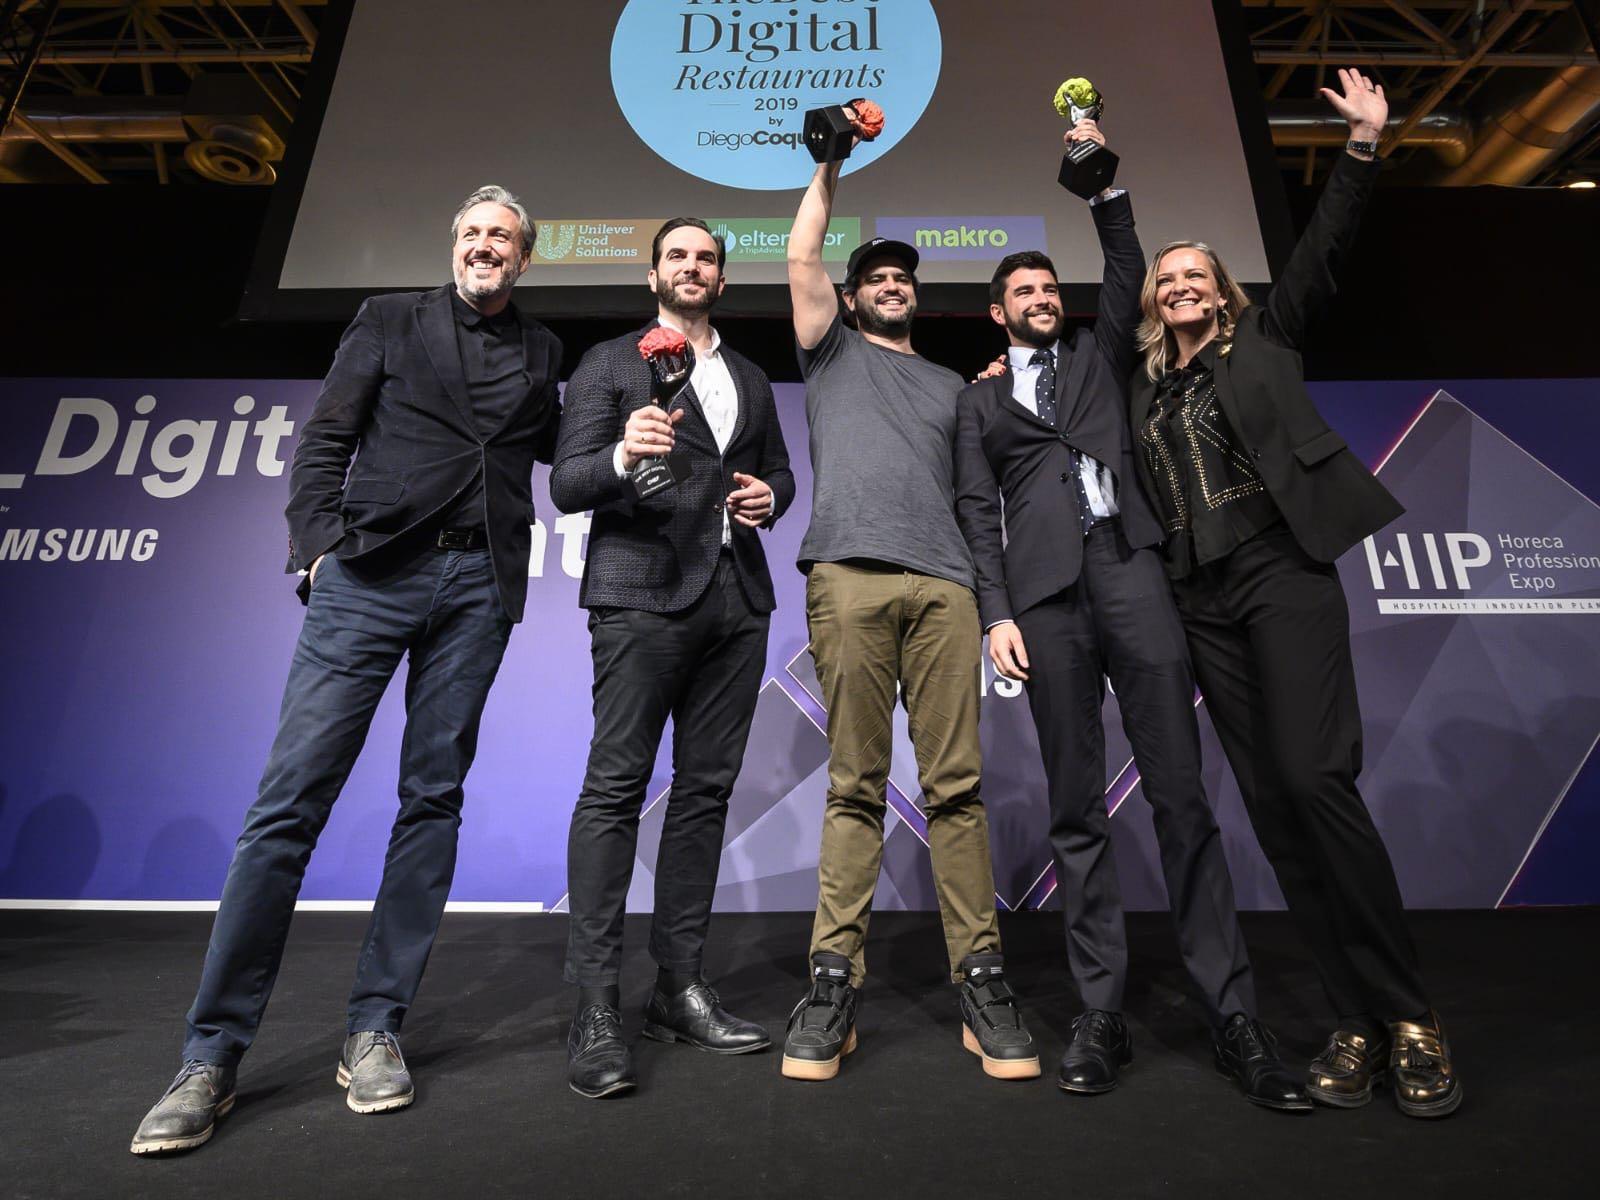 Mario Sandoval, premiado en The Best Digital Restaurants 2019